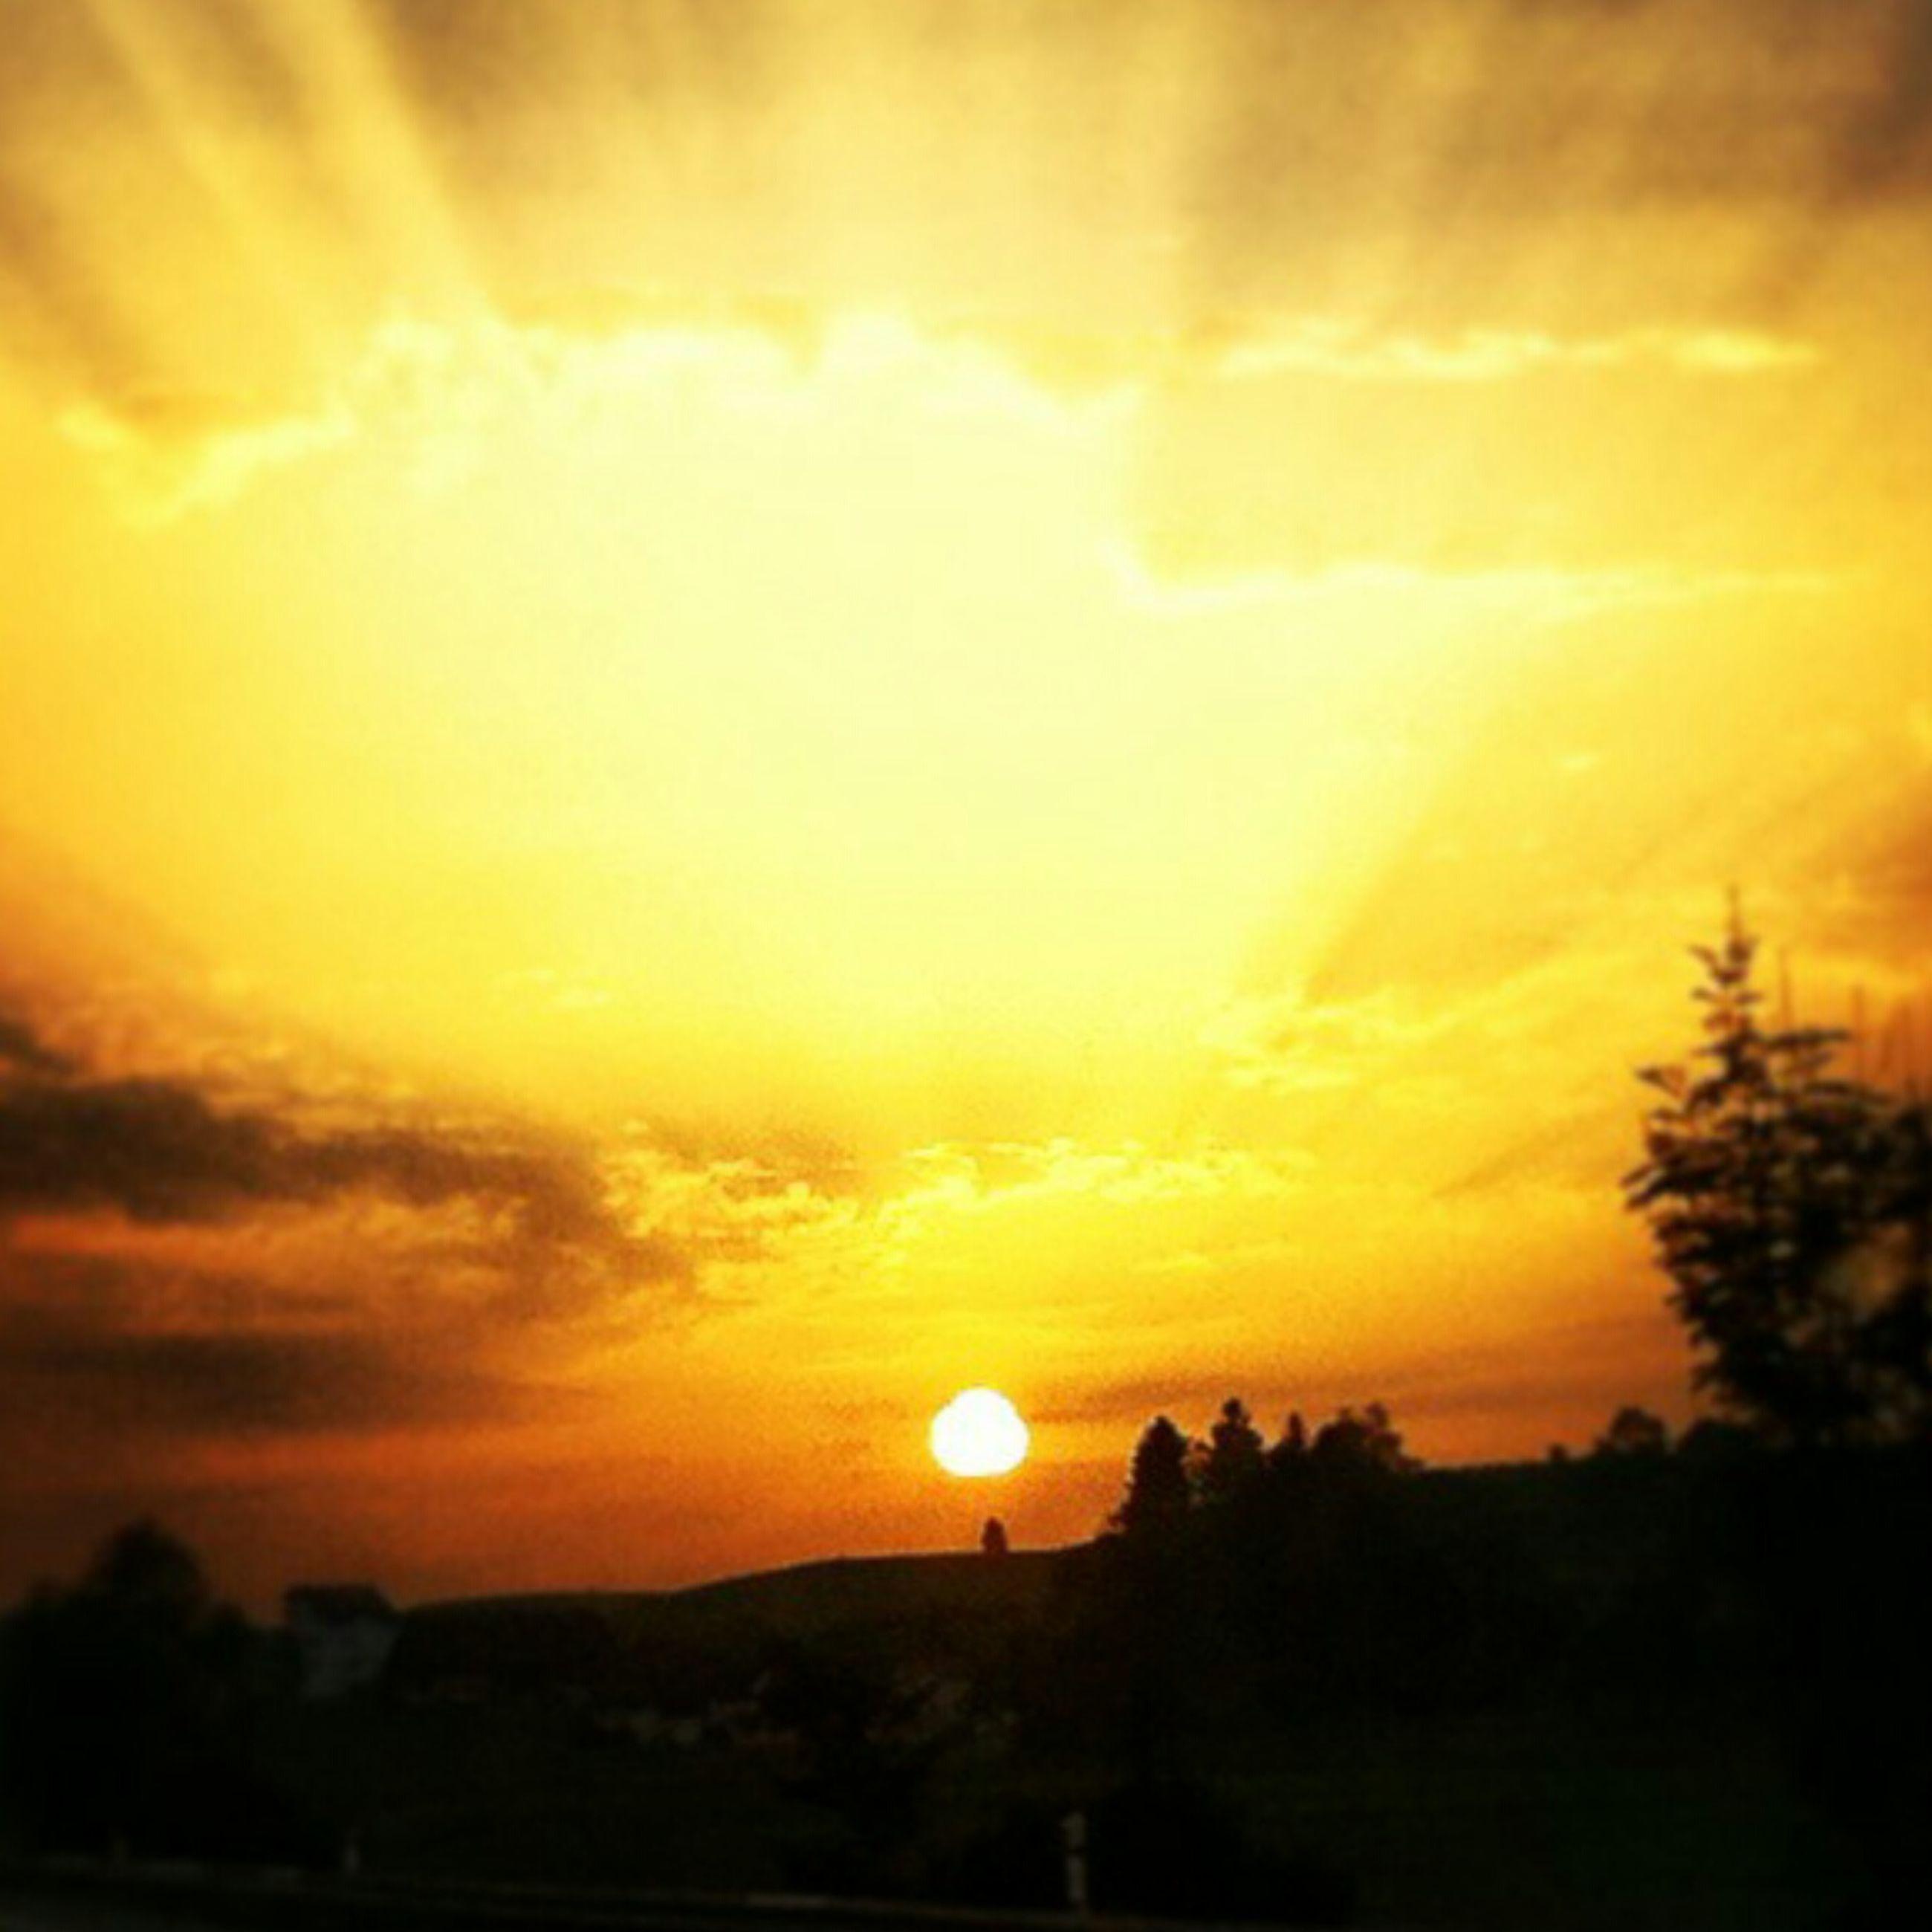 sunset, sun, orange color, scenics, beauty in nature, tranquil scene, sky, tranquility, silhouette, idyllic, nature, landscape, cloud - sky, sunlight, dramatic sky, sunbeam, majestic, cloud, outdoors, tree